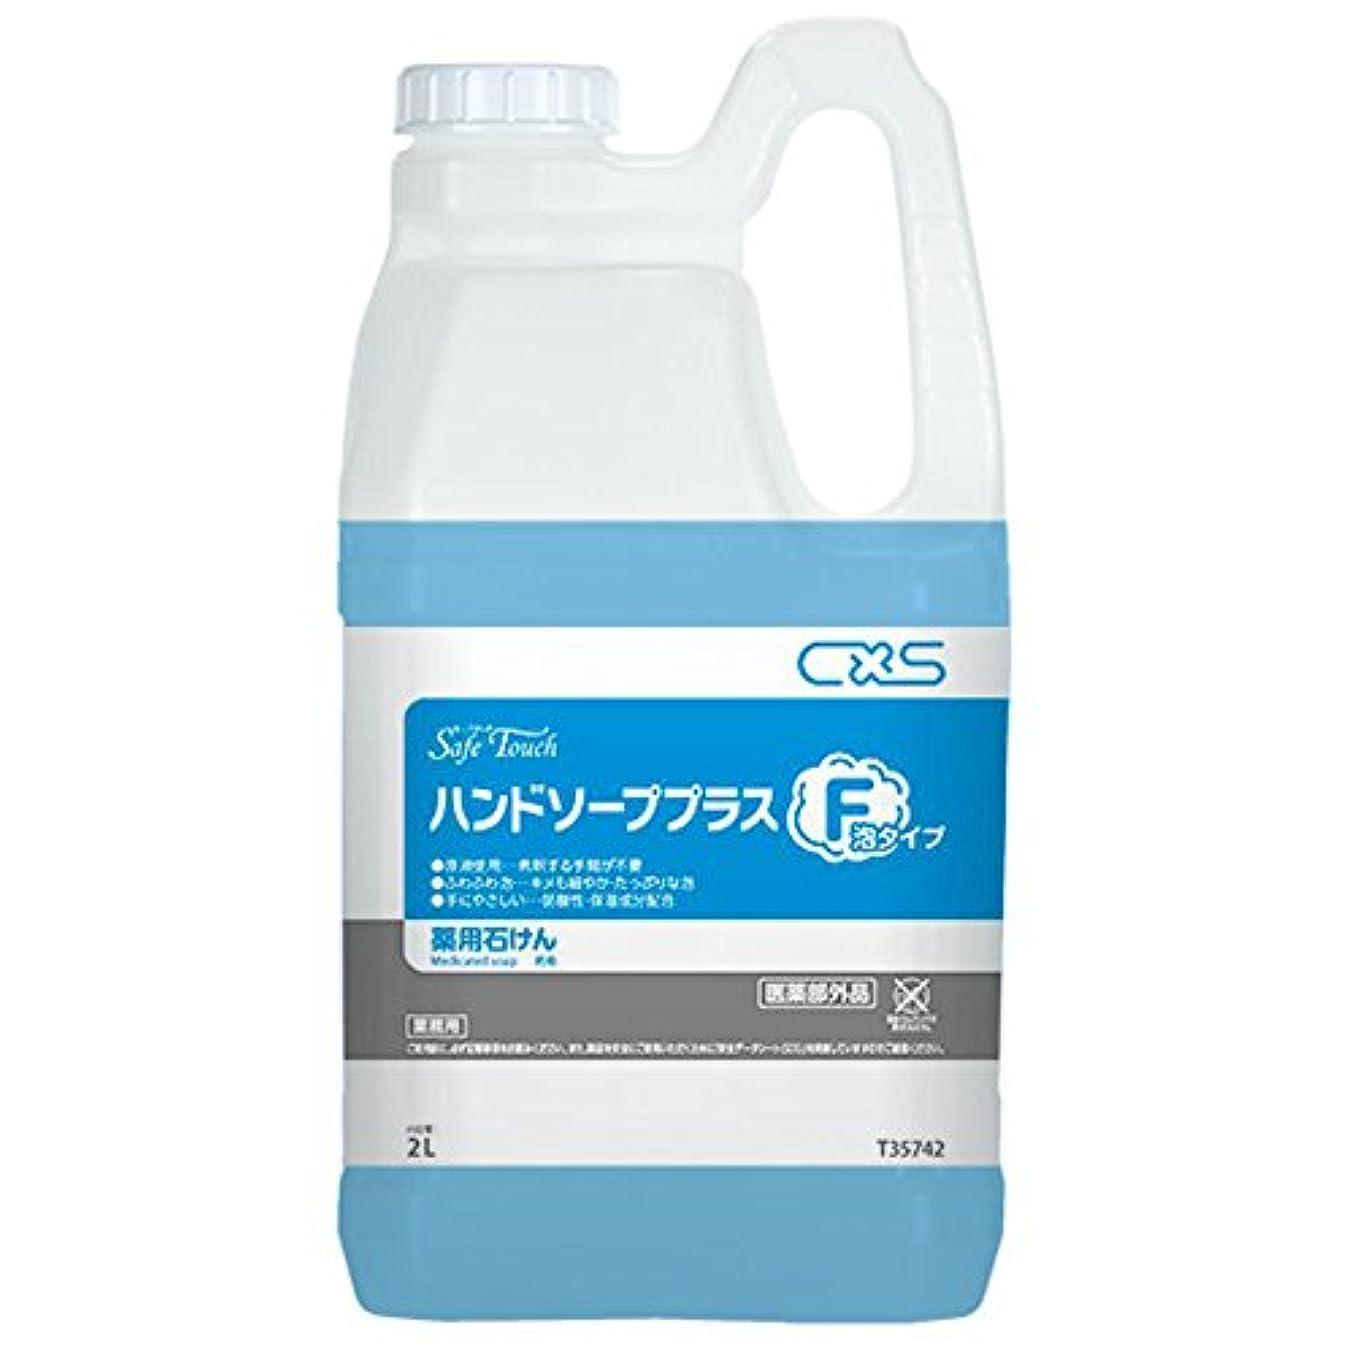 エール平手打ち誘導シーバイエス(C×S) 殺菌?消毒用手洗い石けん セーフタッチハンドソーププラスF 2L